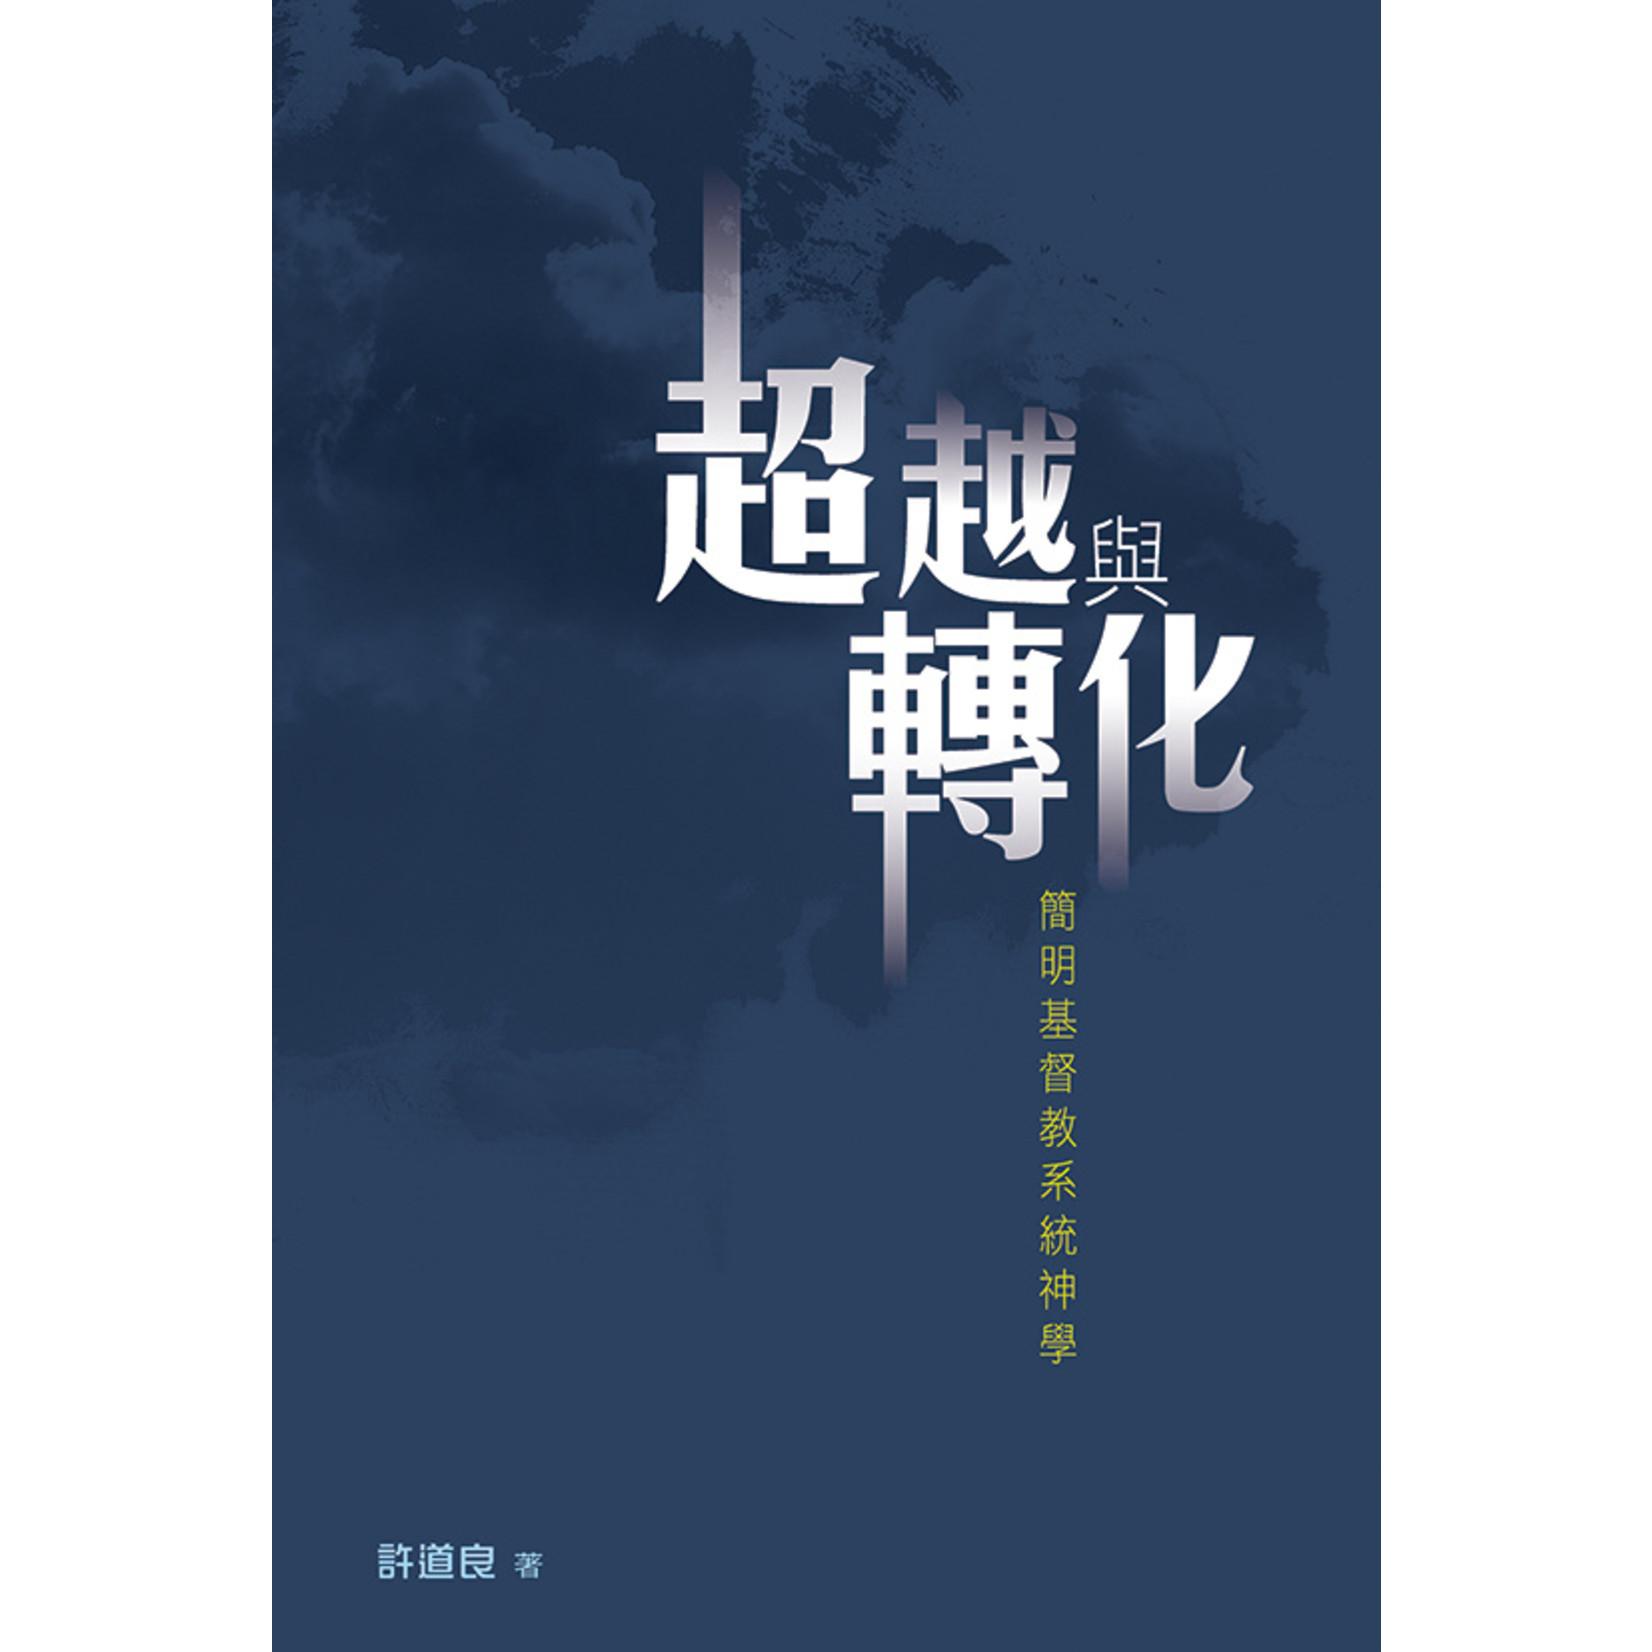 天道書樓 Tien Dao Publishing House 超越與轉化:簡明基督教系統神學